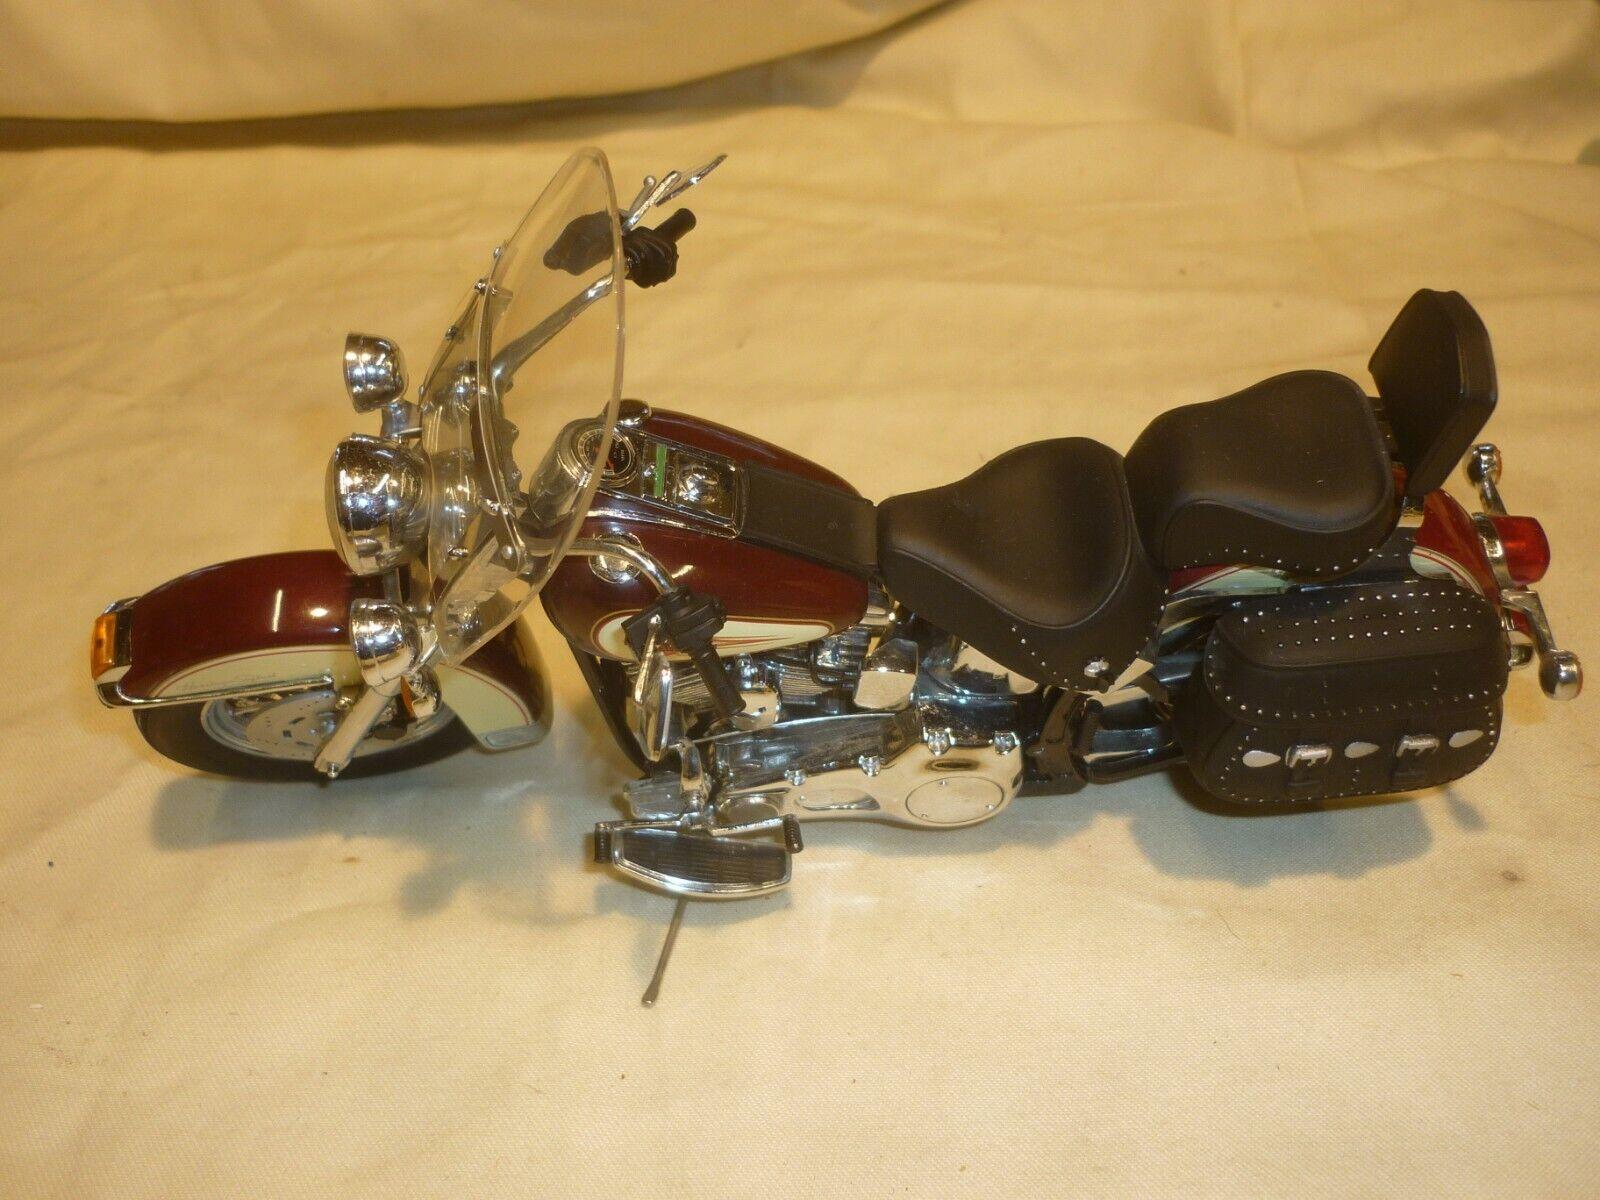 Un franklin Comme neuf d'un modèle à l'échelle de 1989 Harley Davidson Heritage Softail